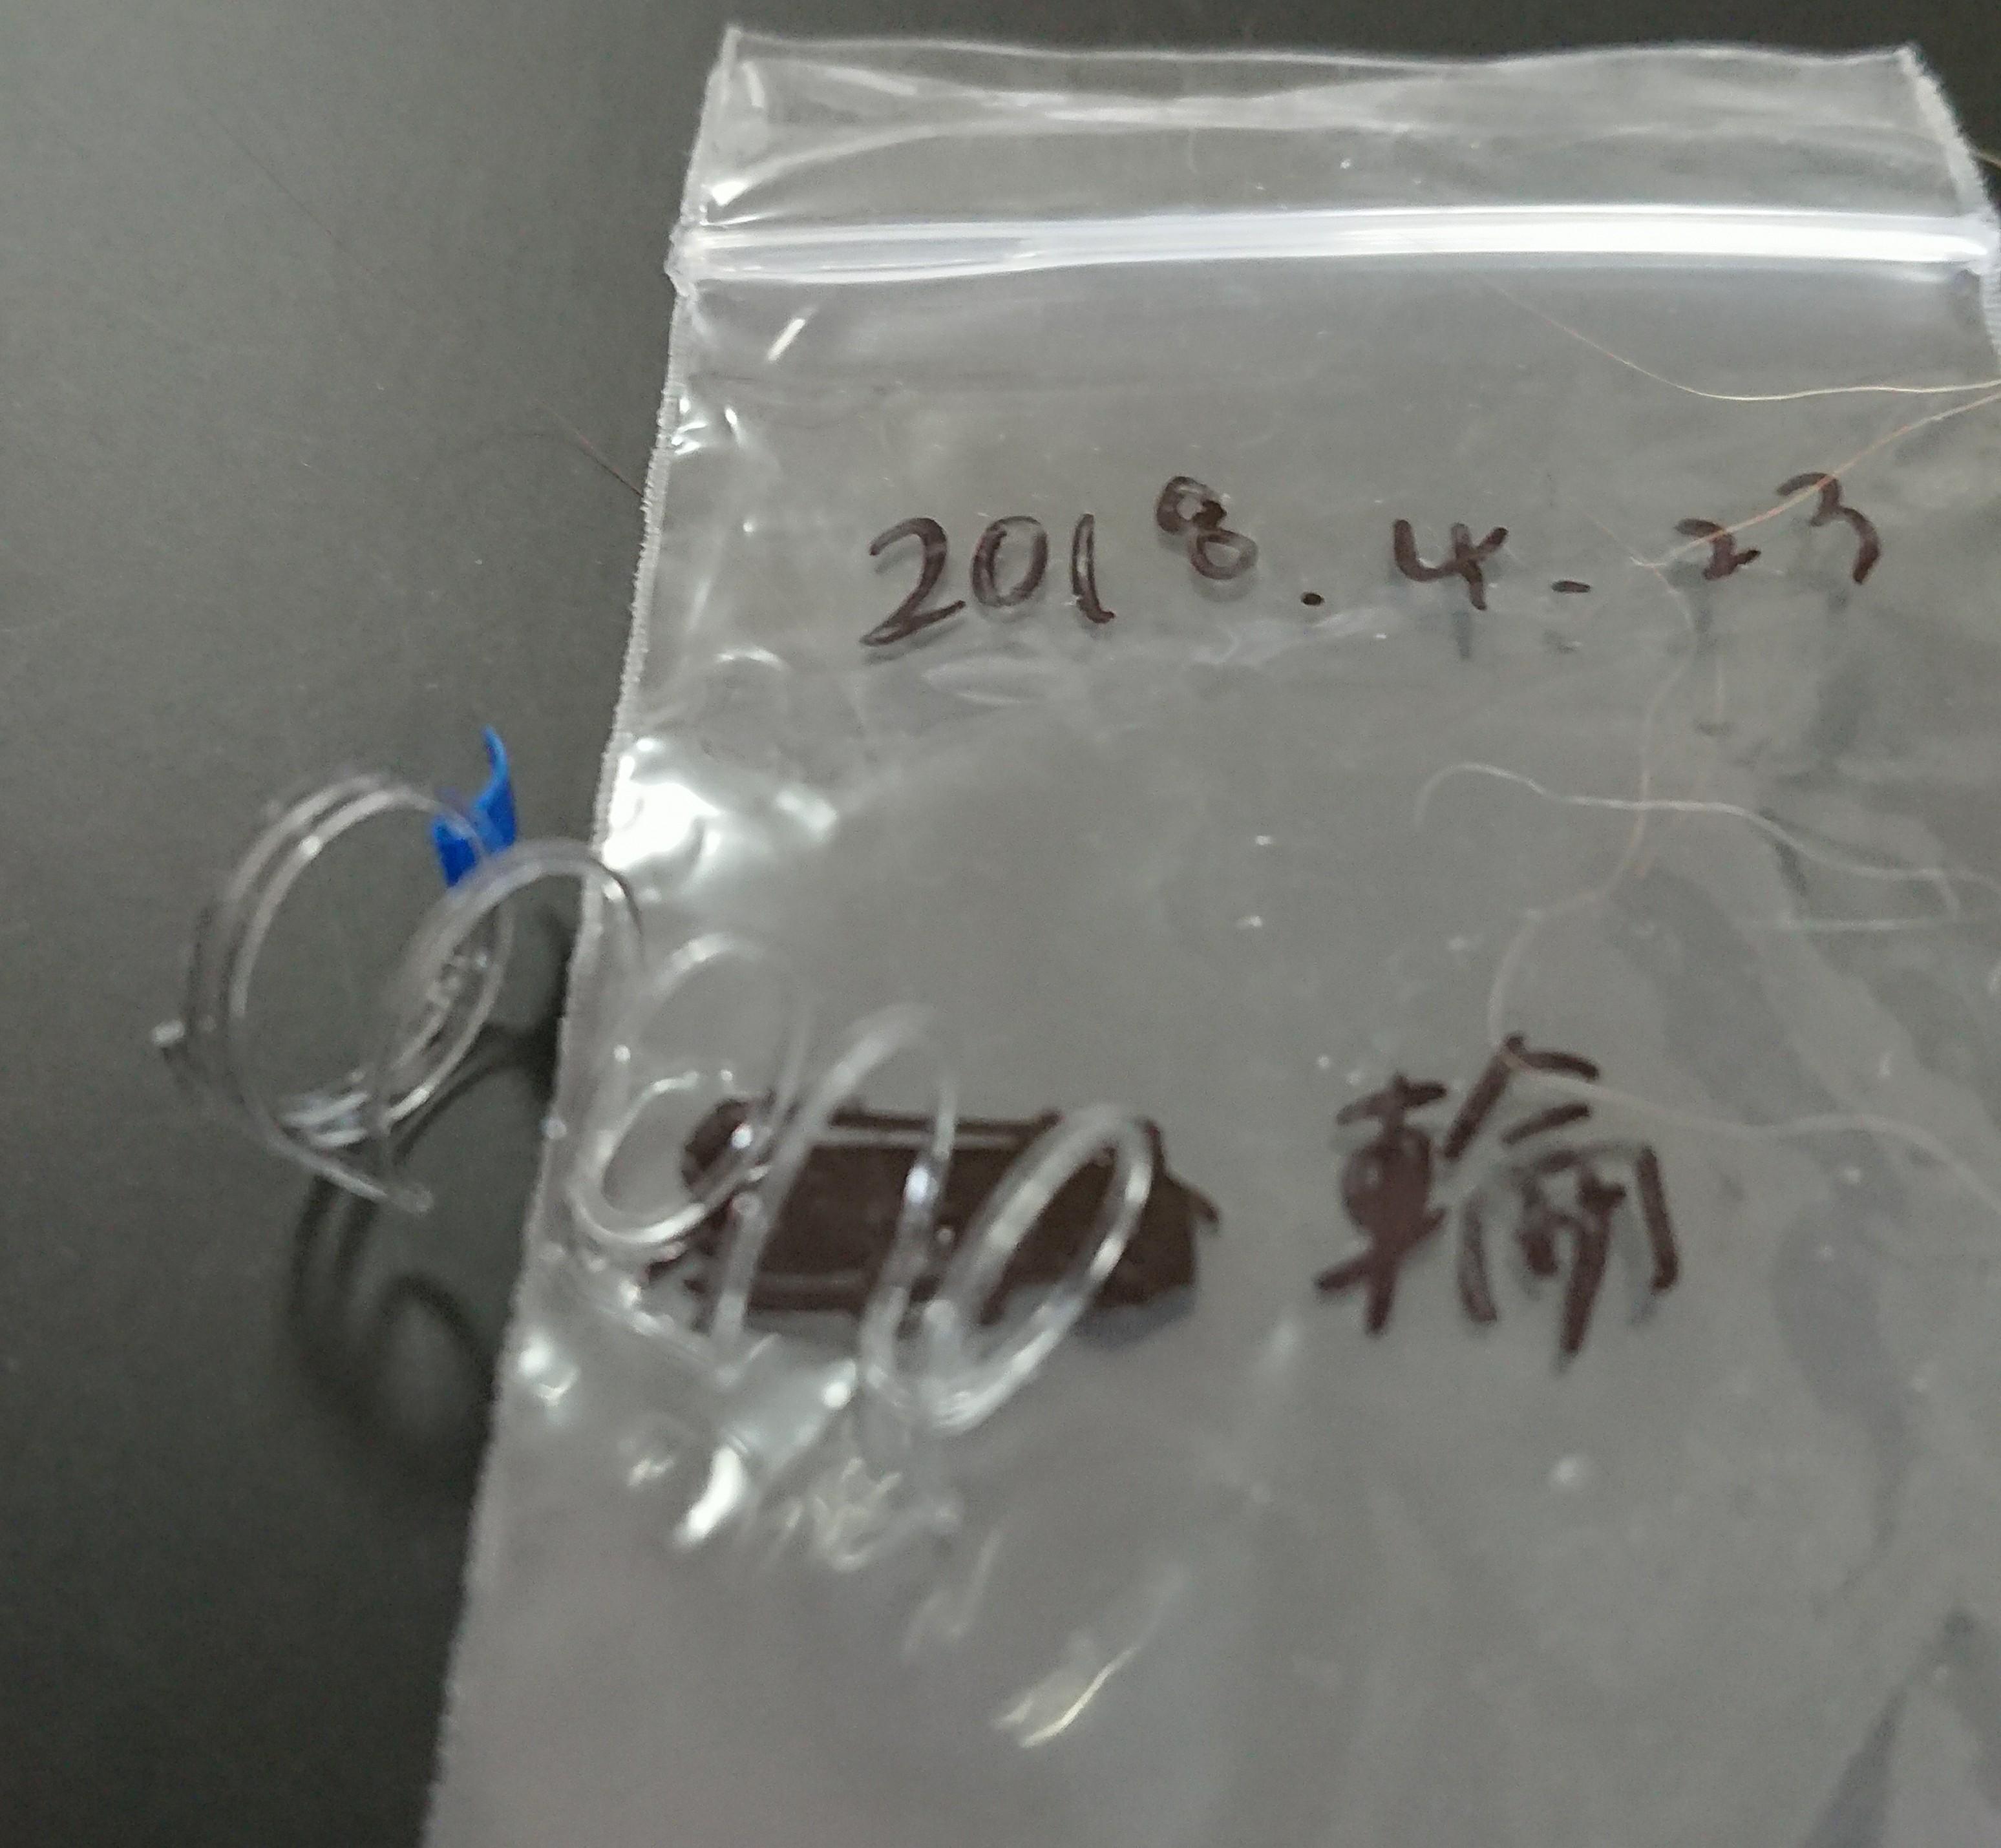 201805220135436da.jpg